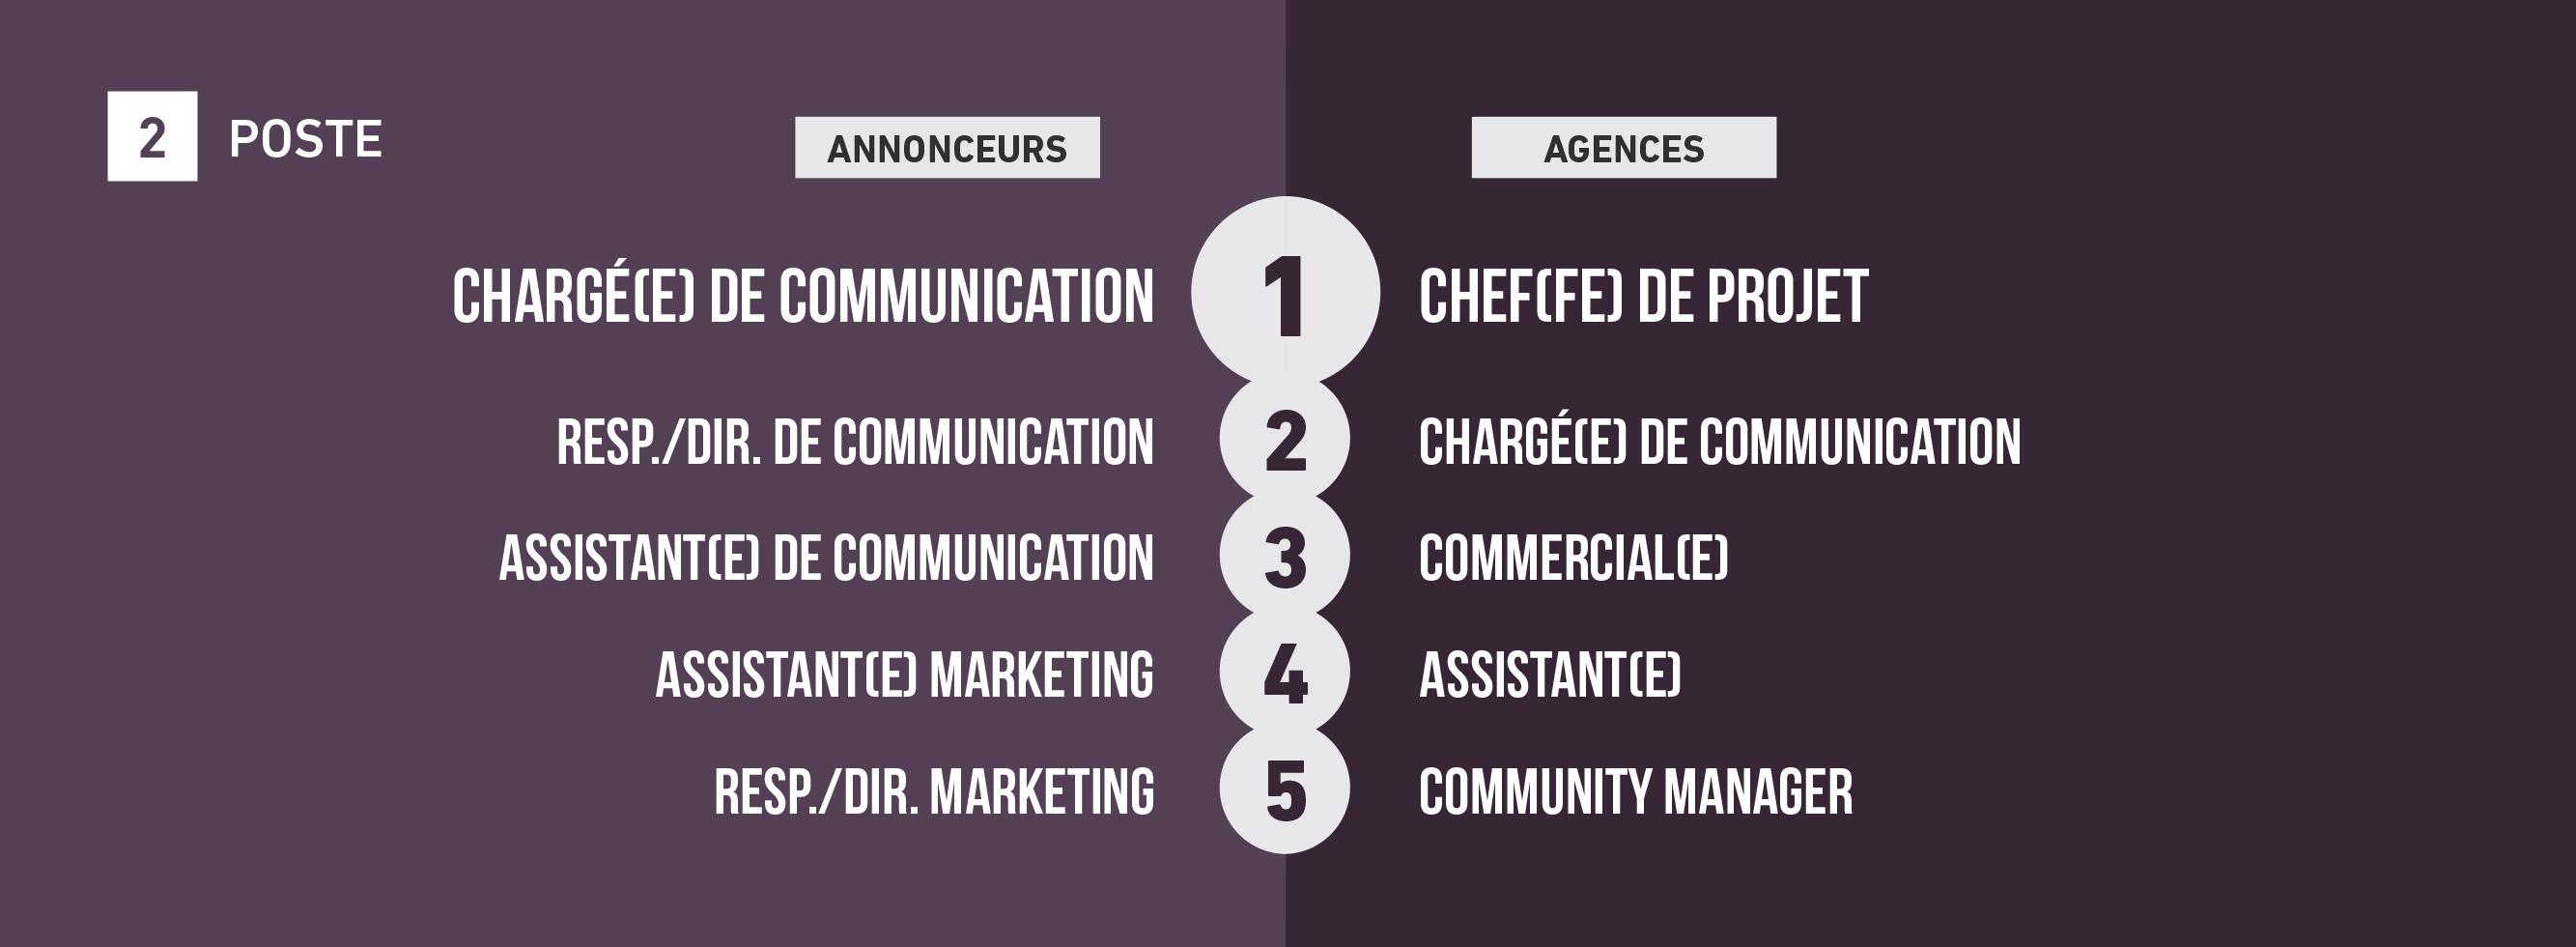 tendances-emploi-publicite-agences-annonceurs-barometre-metiers-communication-2018-sup-de-com-metiers-charge-communication-chef-de-projet